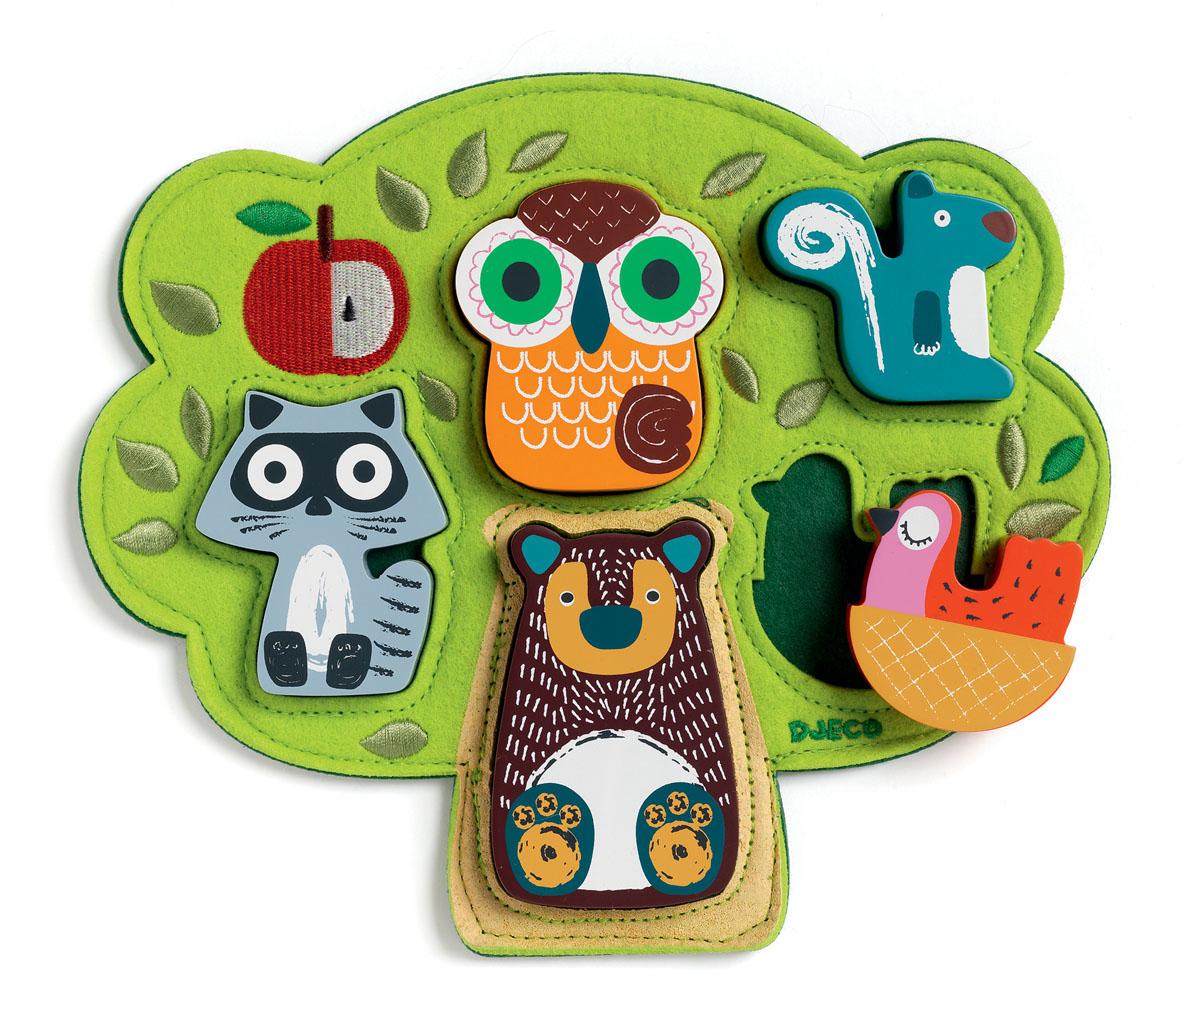 Djeco Пазл для малышей Оски развивающая игрушка djeco зверюшки попрыгунчики пастель 06105